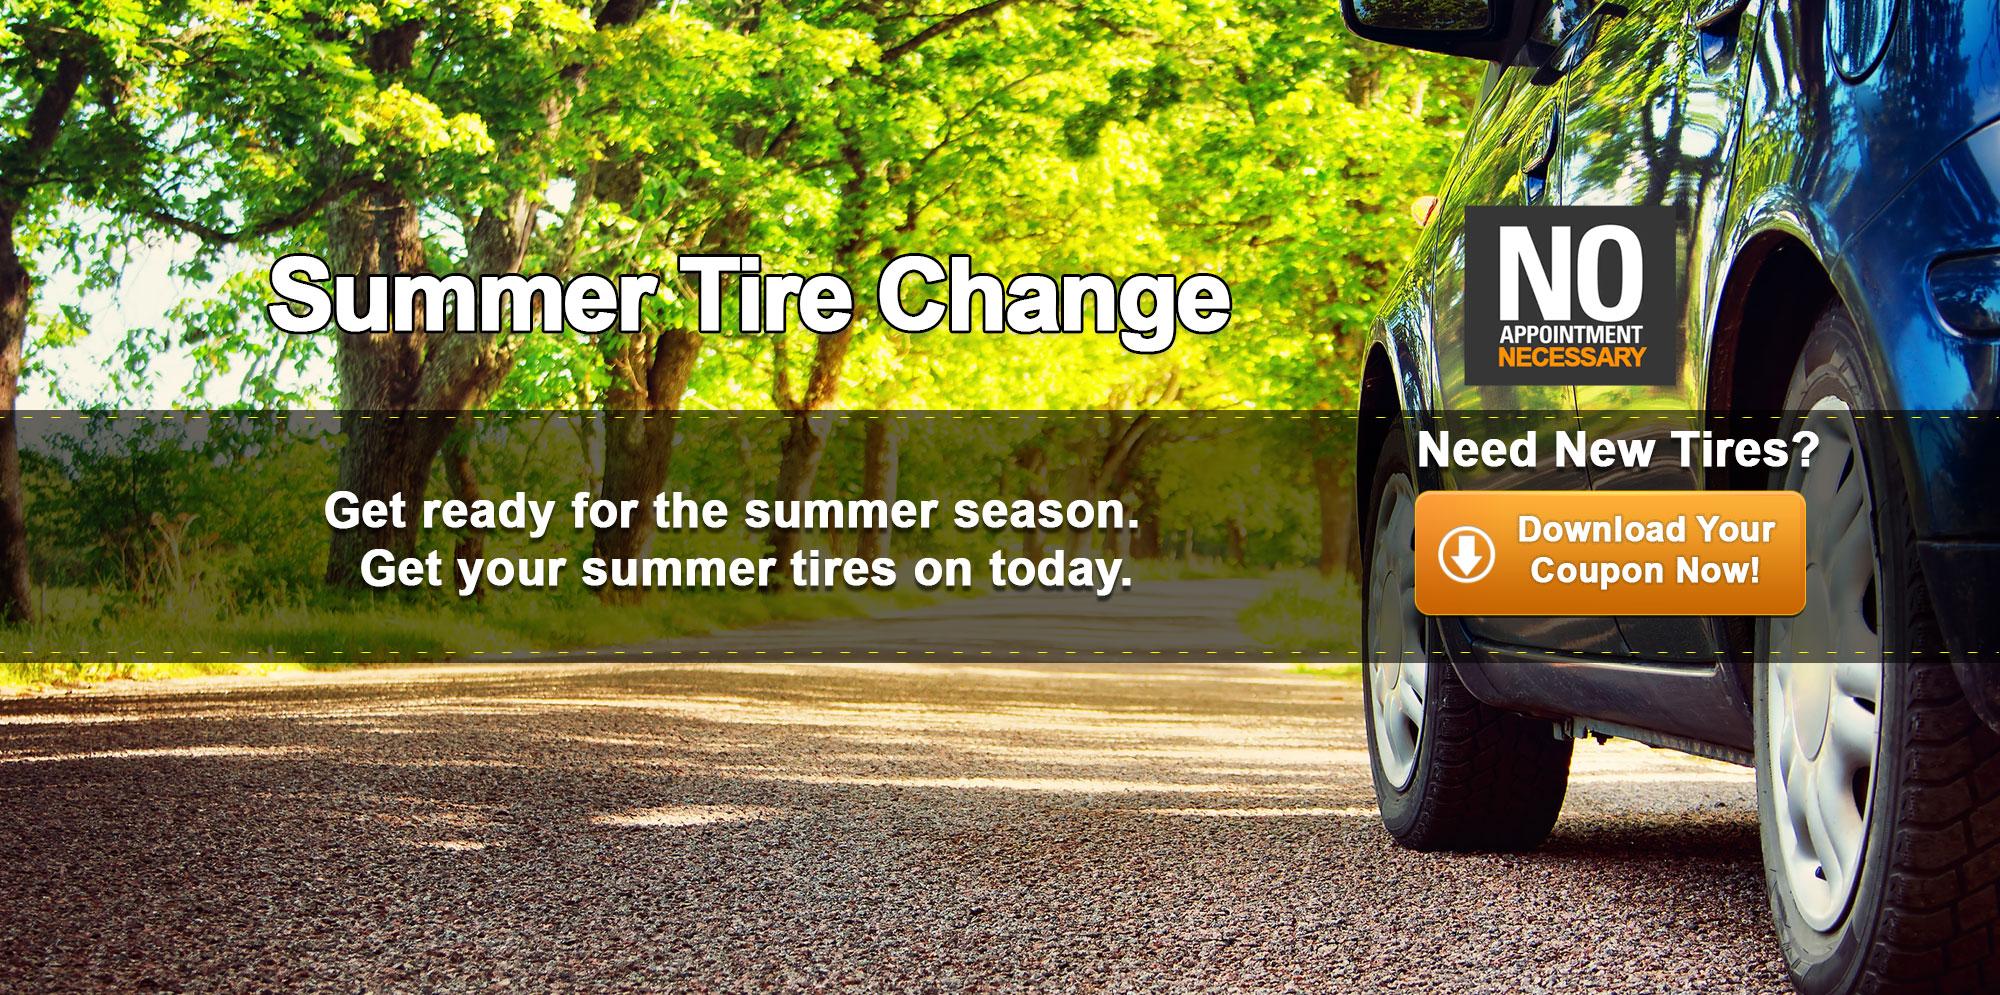 Economy Lube Economy-Lube-Winter-Tire-Change